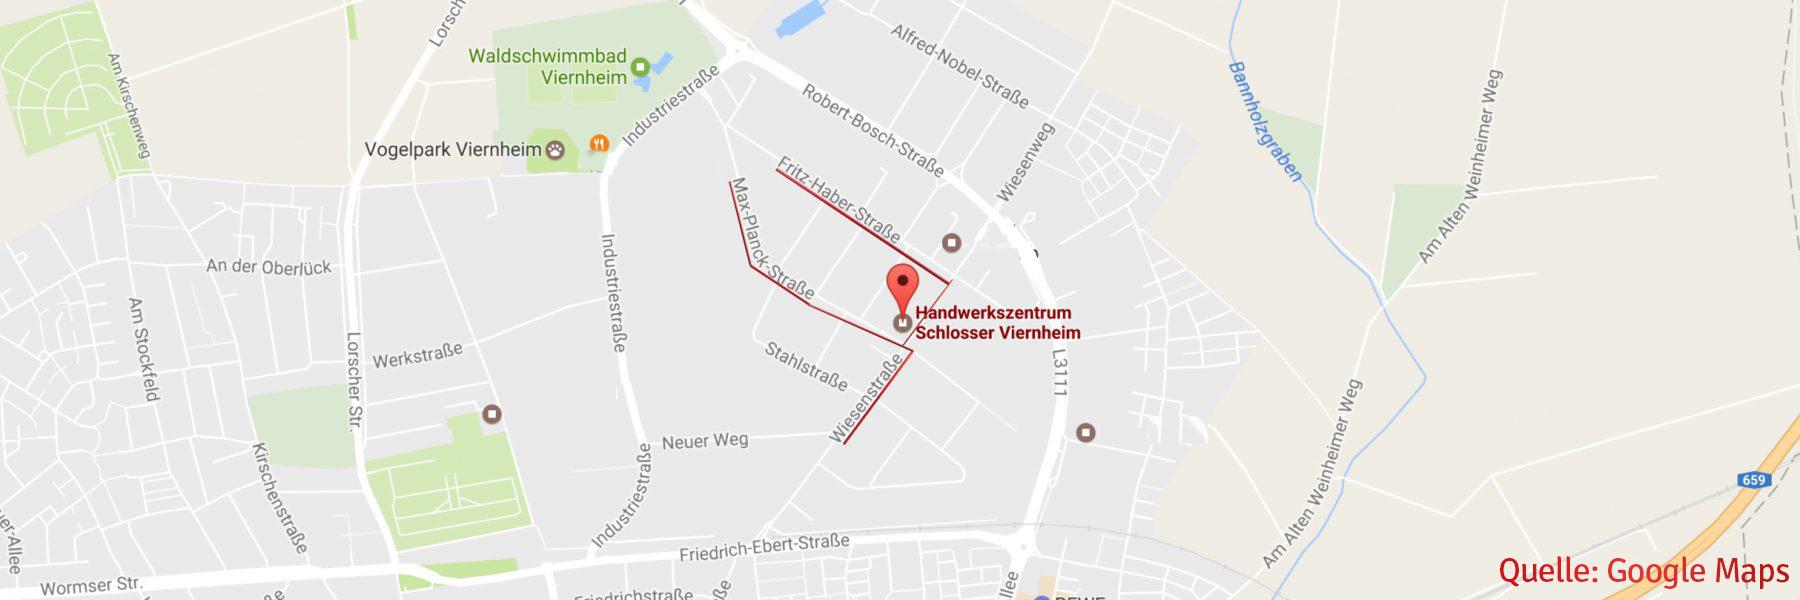 Handwerkszentrum_anfahrtsbeschreibung